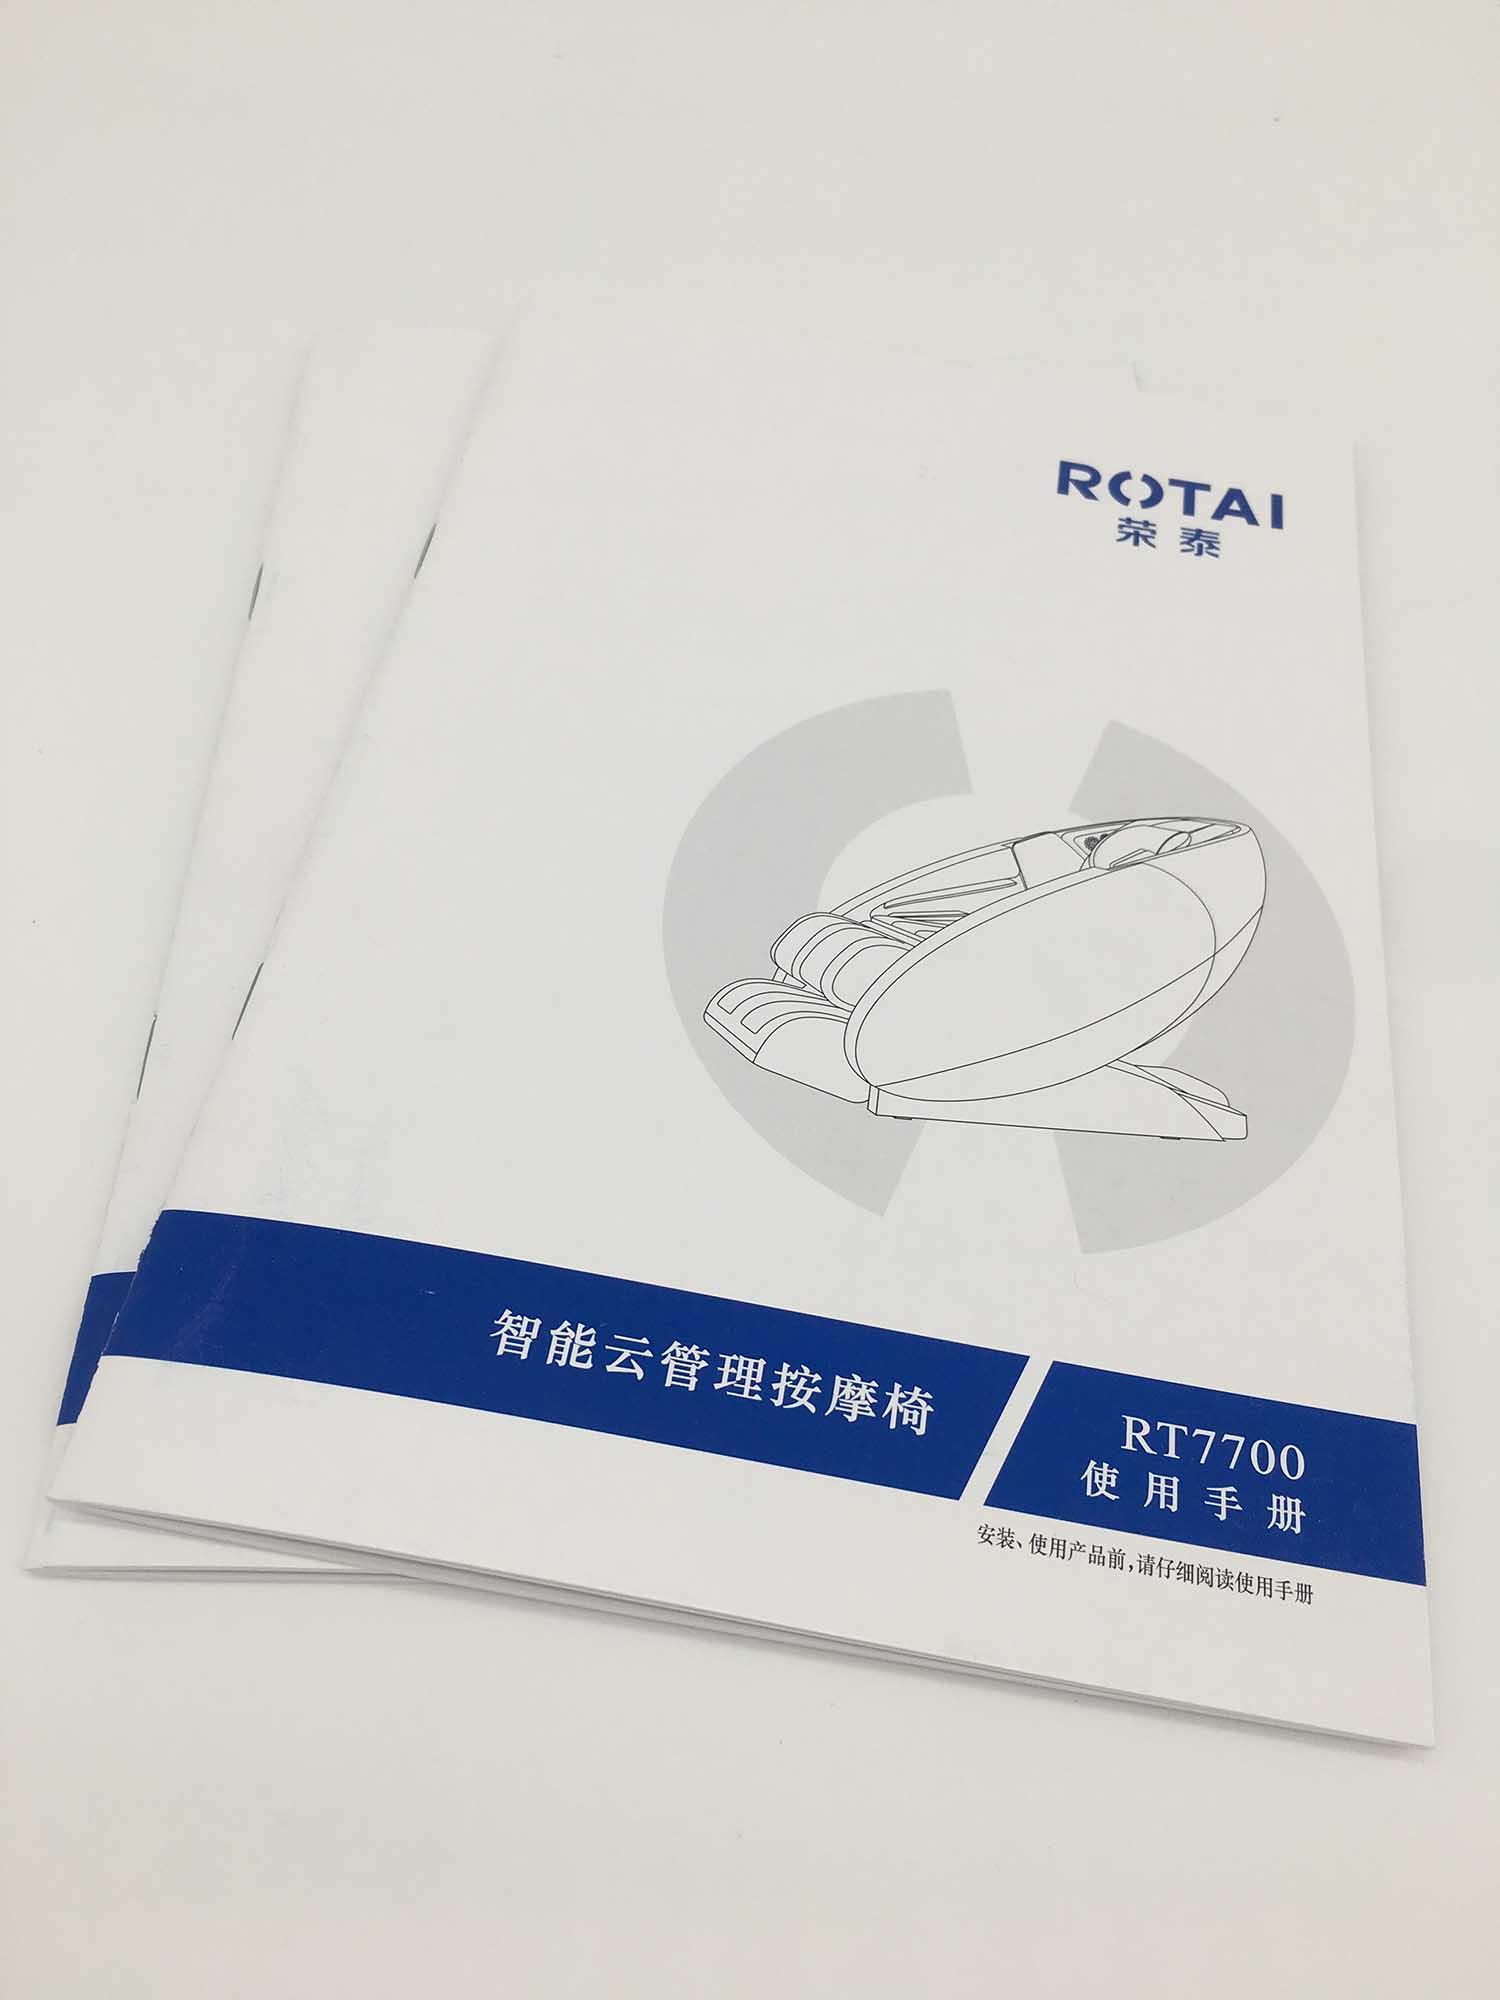 新宾公司样本册印刷制作